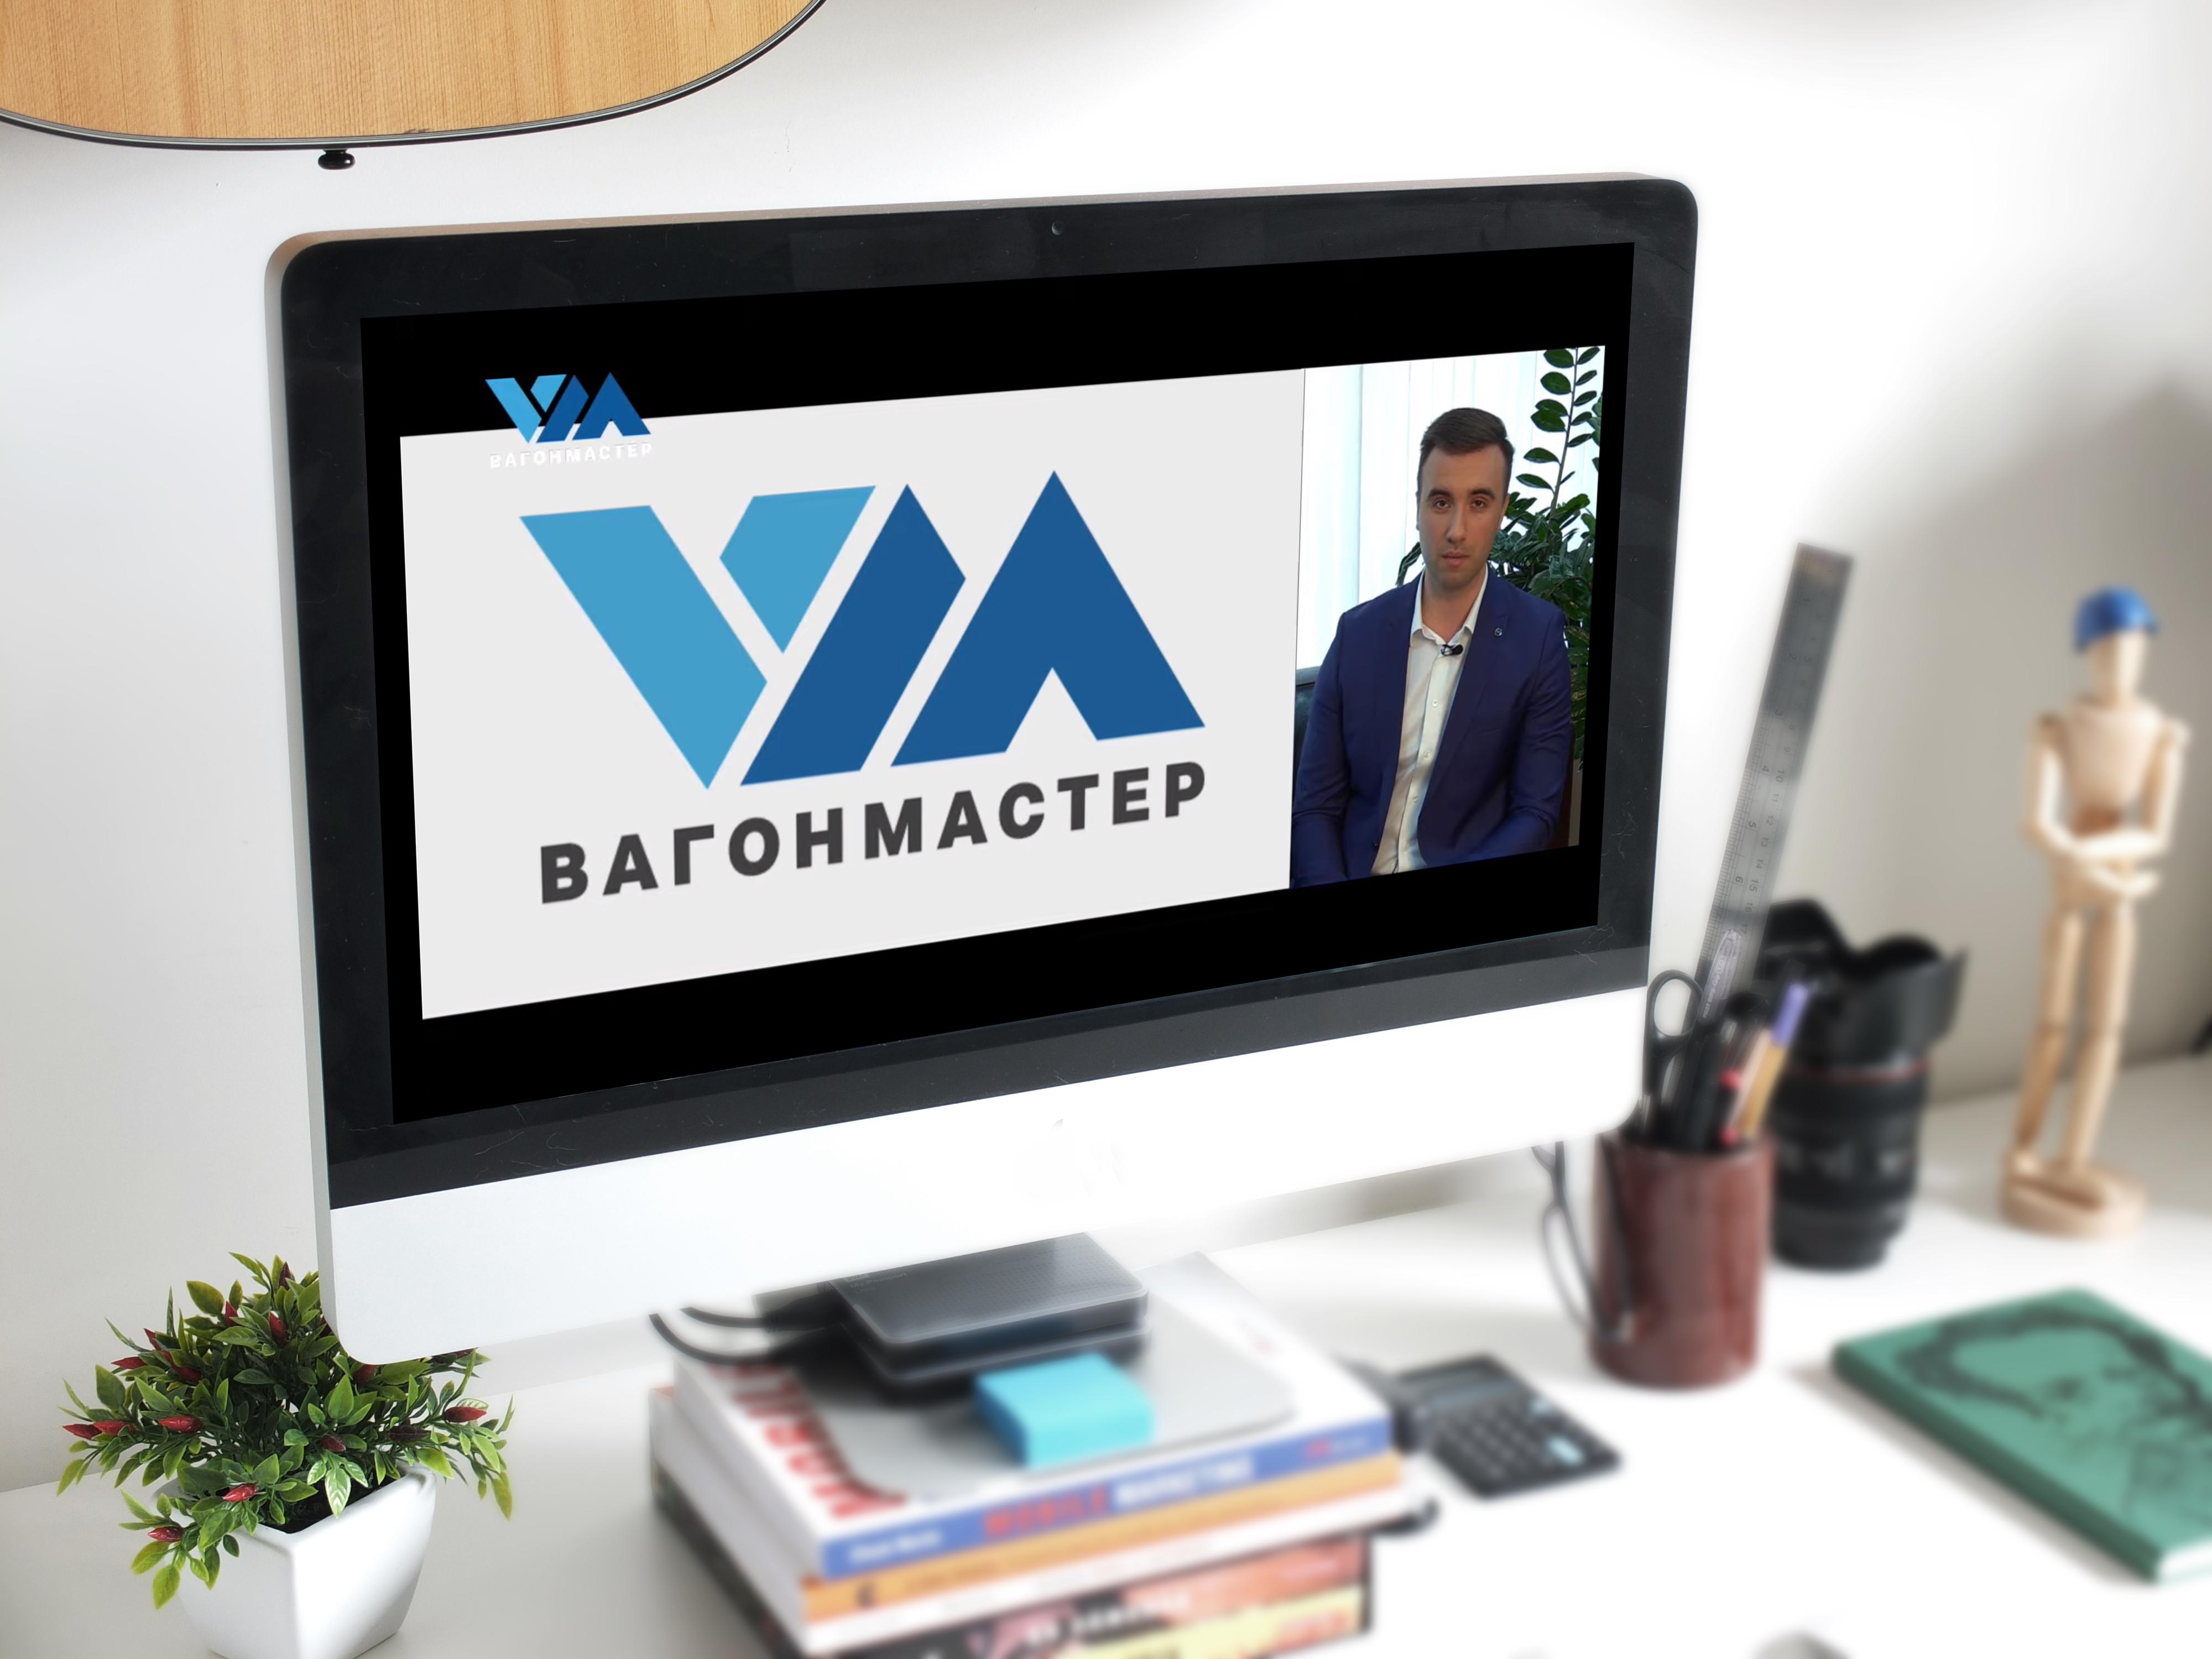 18 августа в 10:00 состоится вебинар по работе с платформой «Вагонмастер»